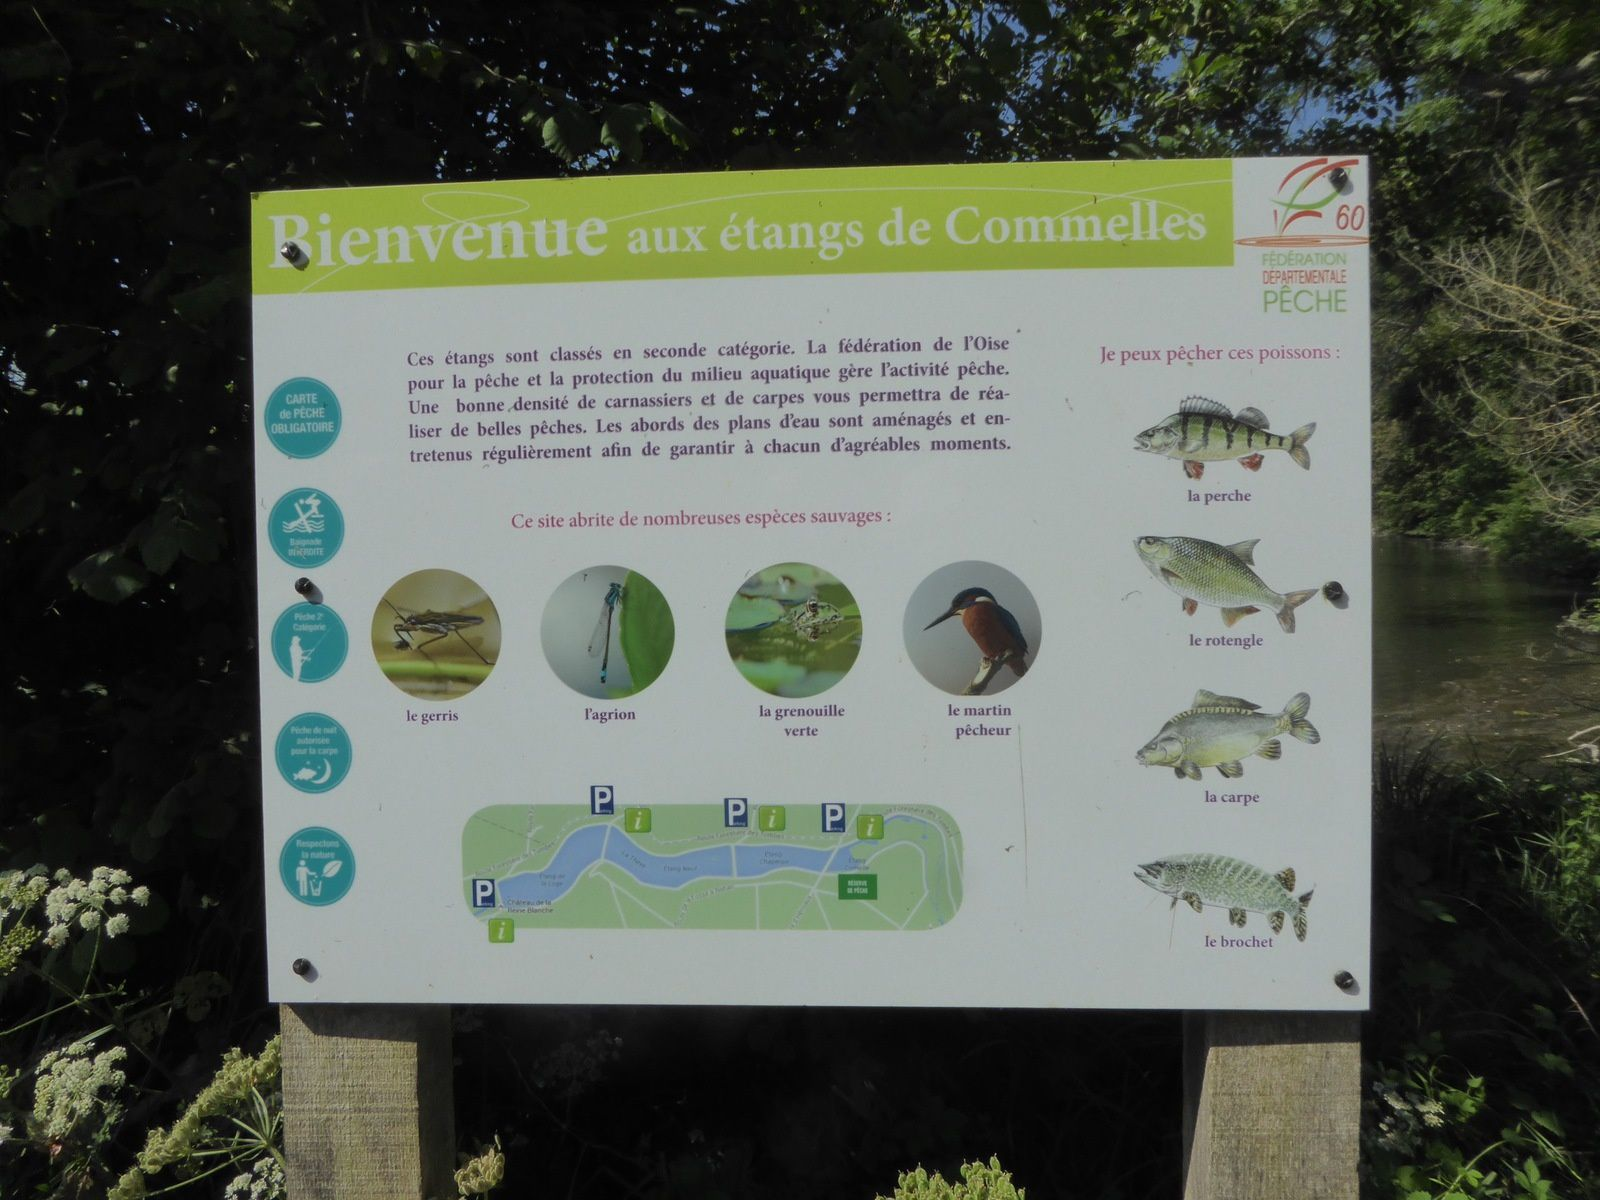 Randonnée d'Orry-la-Ville à La Borne Blanche - 15 km.